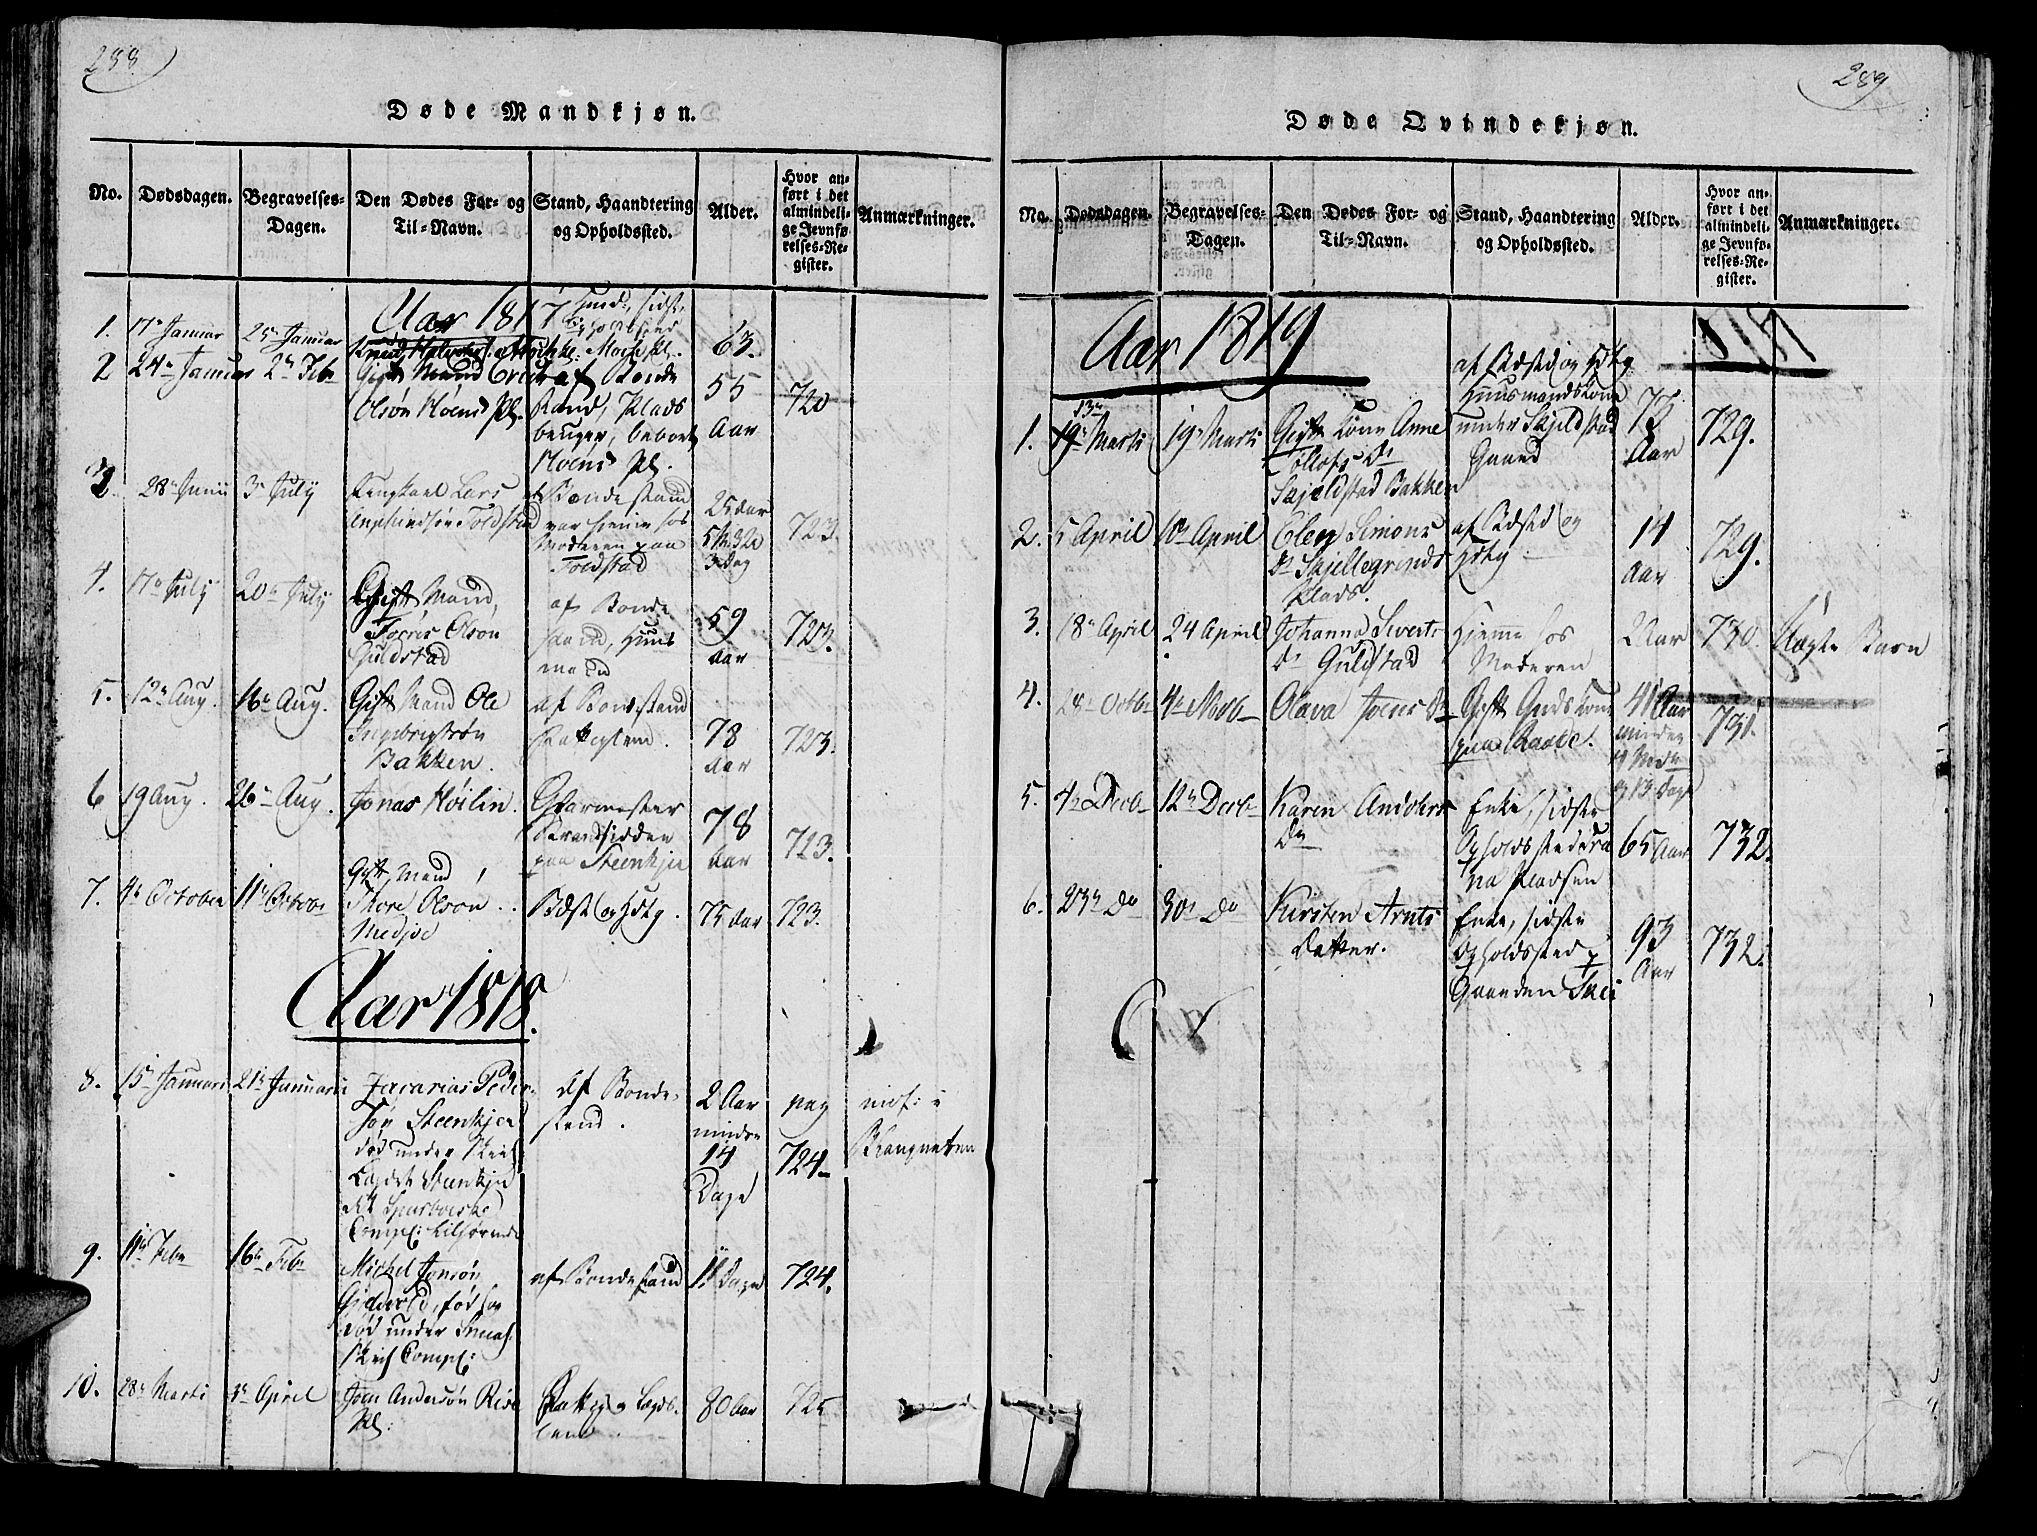 SAT, Ministerialprotokoller, klokkerbøker og fødselsregistre - Nord-Trøndelag, 735/L0333: Ministerialbok nr. 735A04 /2, 1816-1825, s. 288-289